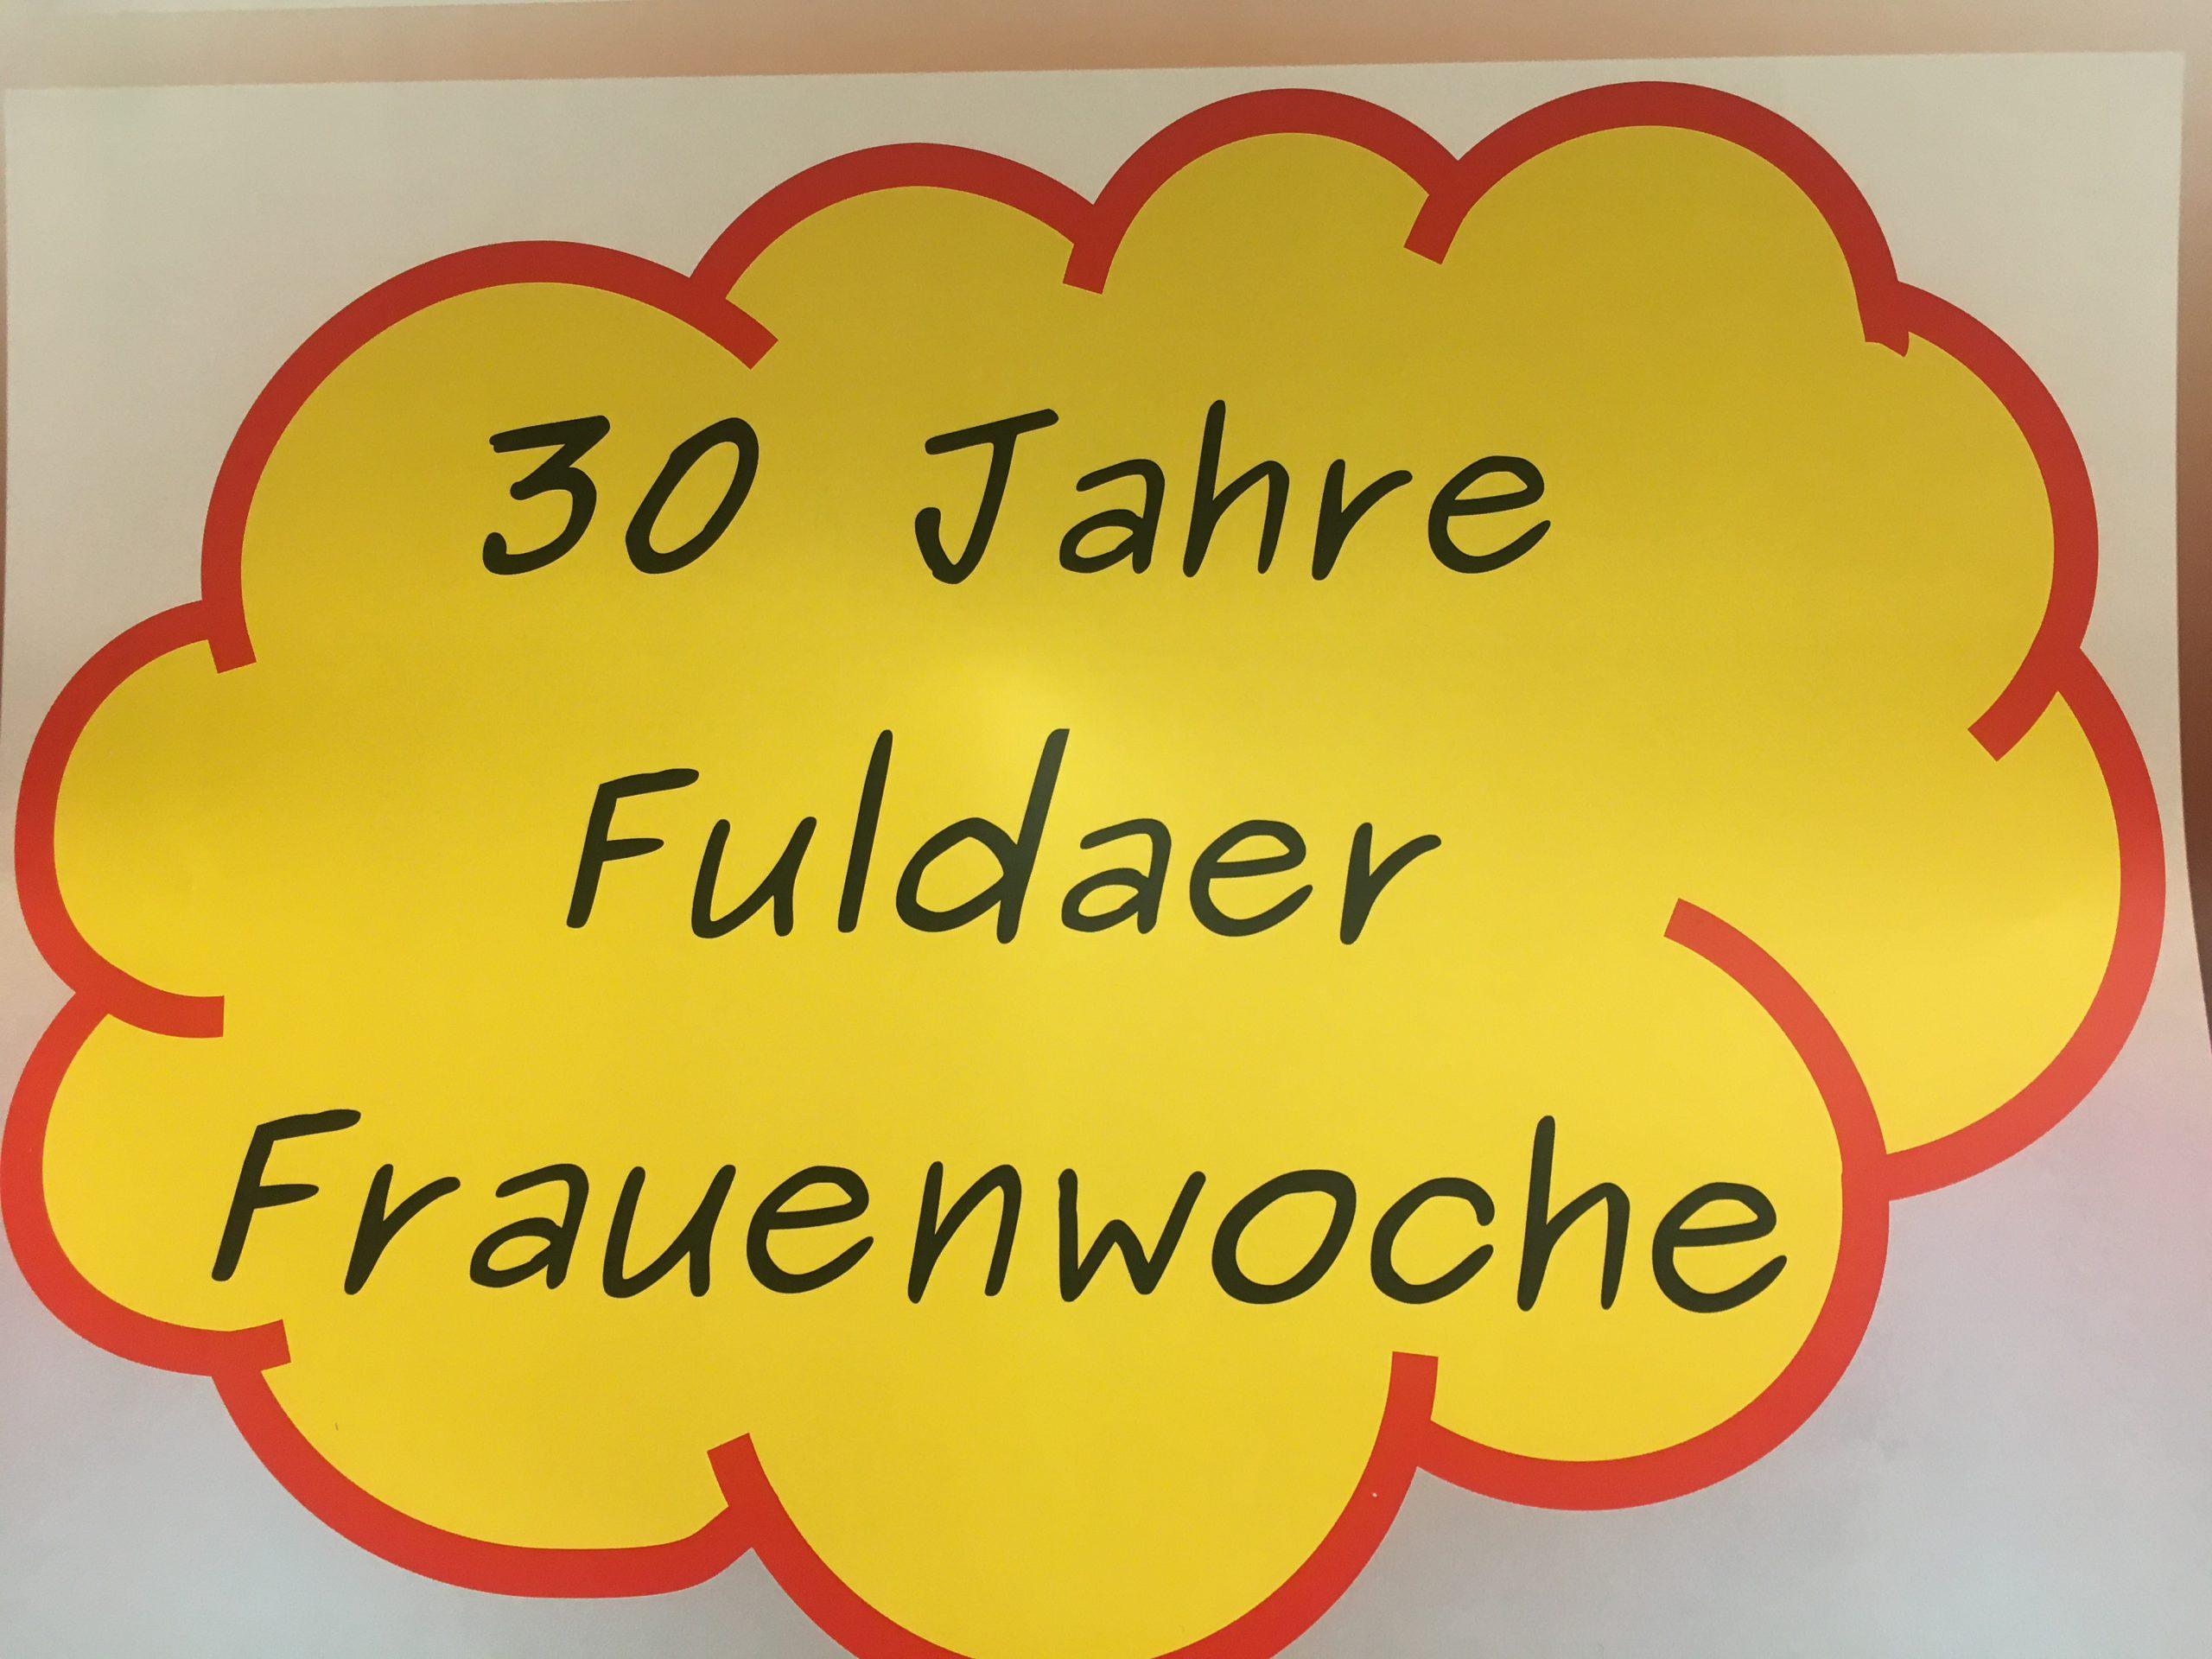 30 Jahre Fuldaer Frauenwoche